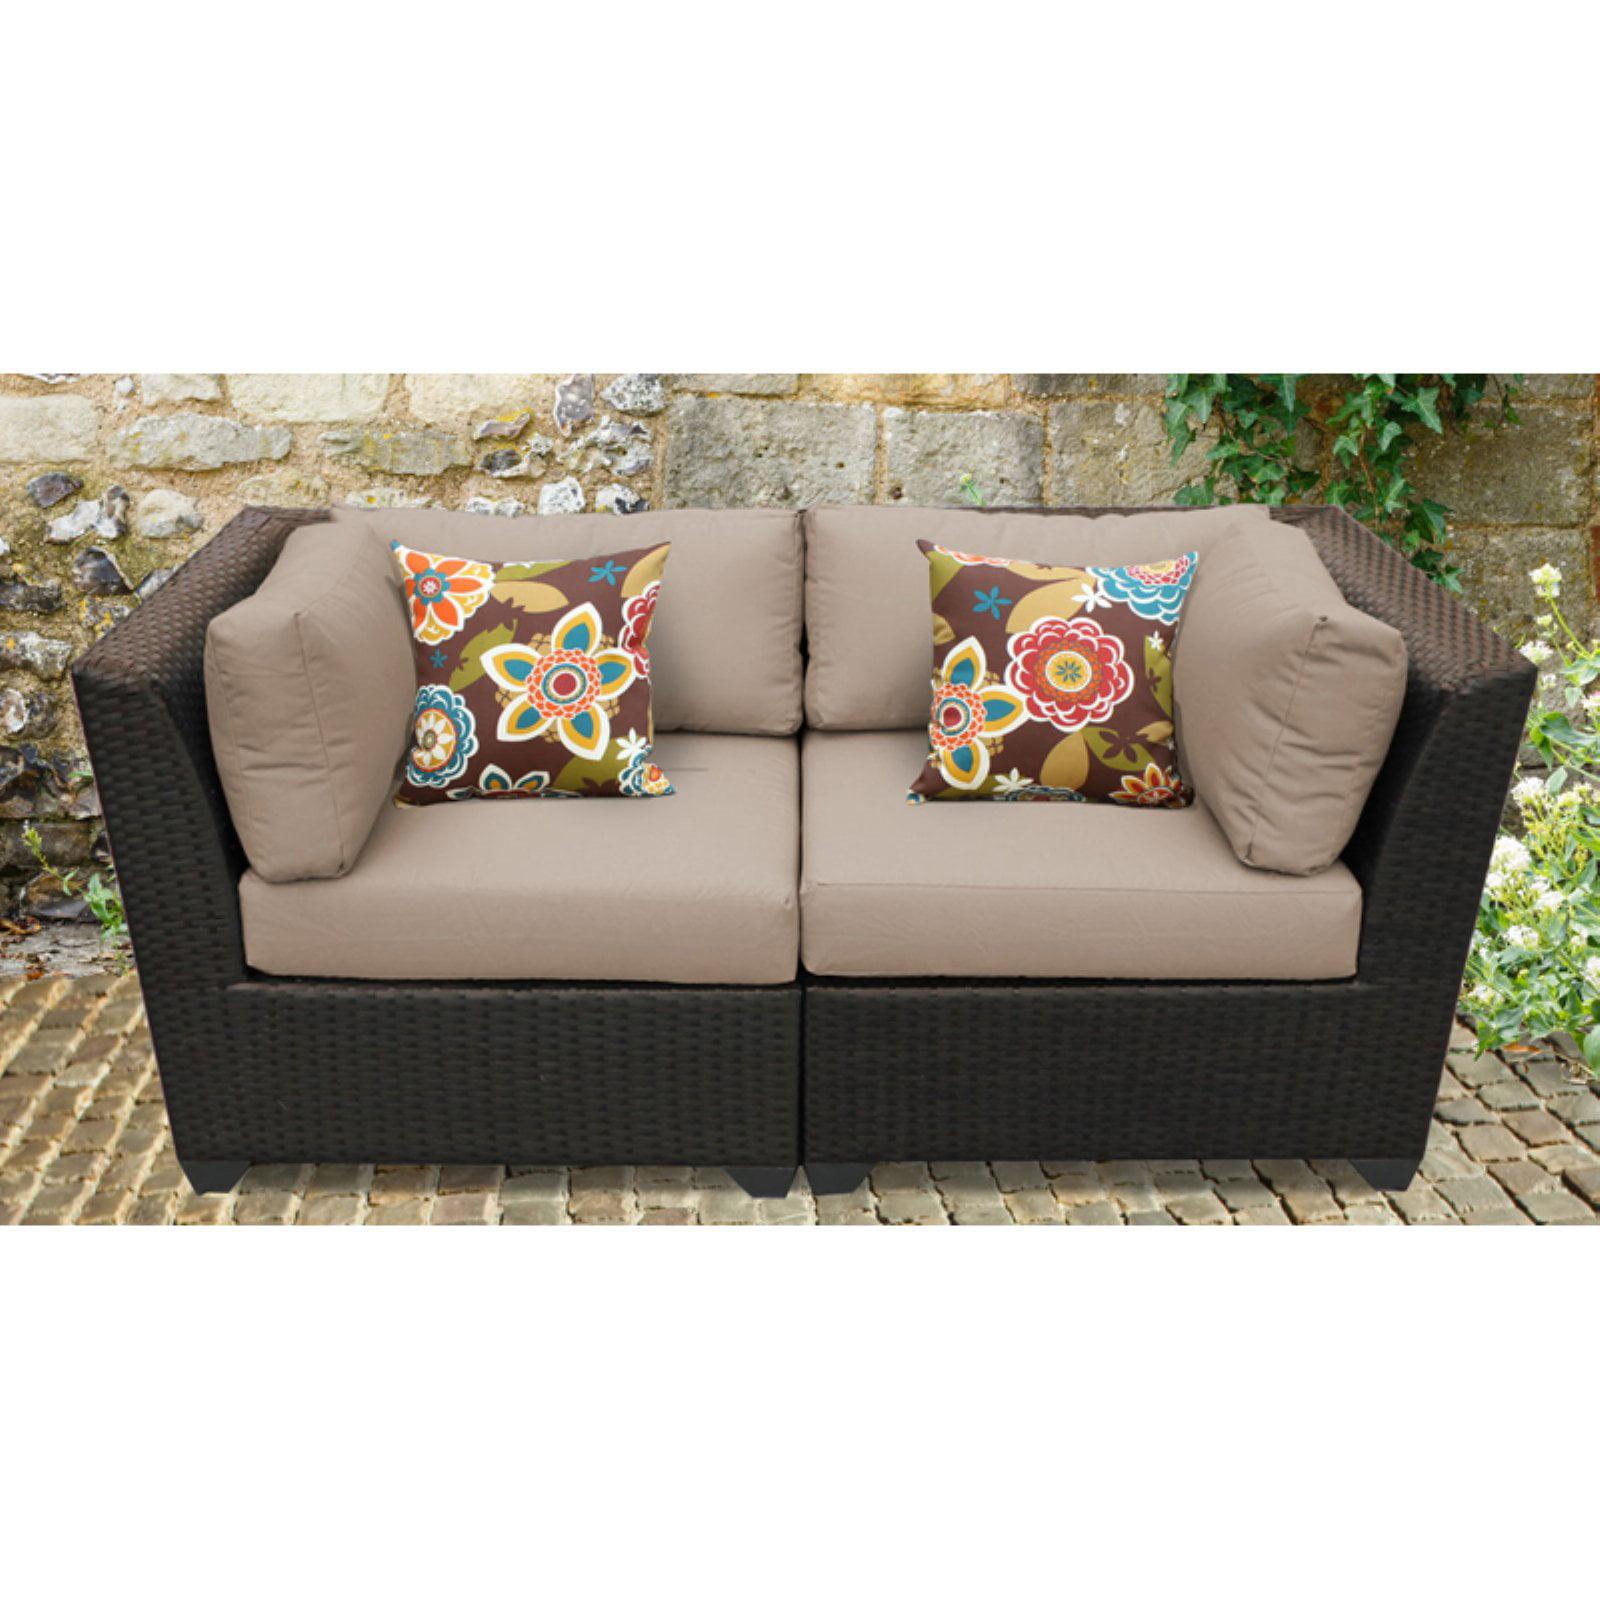 TK Classics Barbados 02A Outdoor Sofa